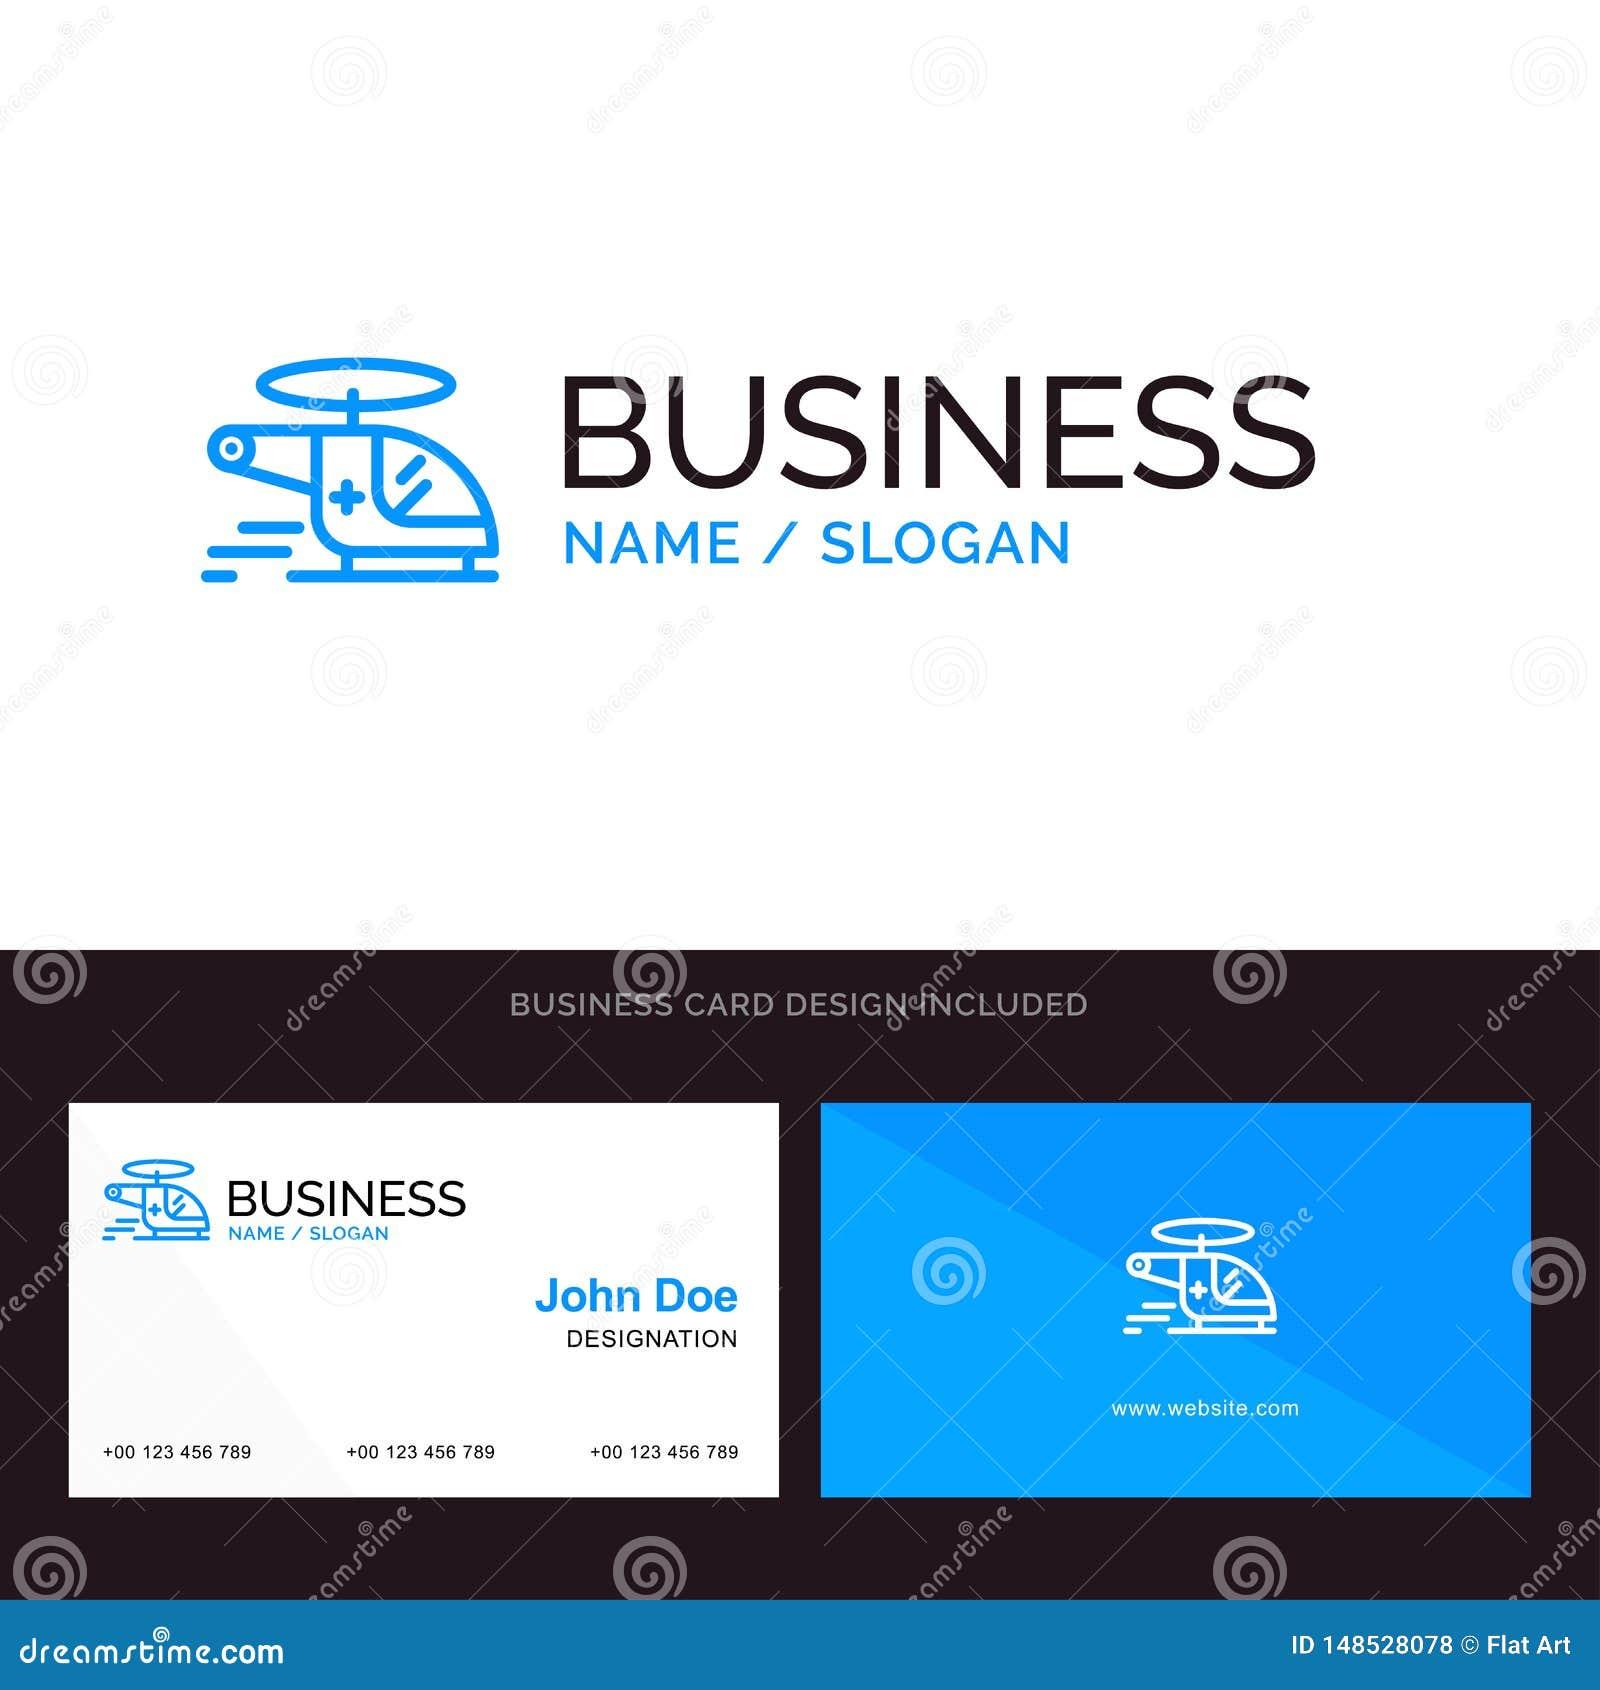 Ελικόπτερο, μπαλτάς, ιατρικός, ασθενοφόρο, μπλε επιχειρησιακό λογότυπο αέρα και πρότυπο επαγγελματικών καρτών Μπροστινό και πίσω